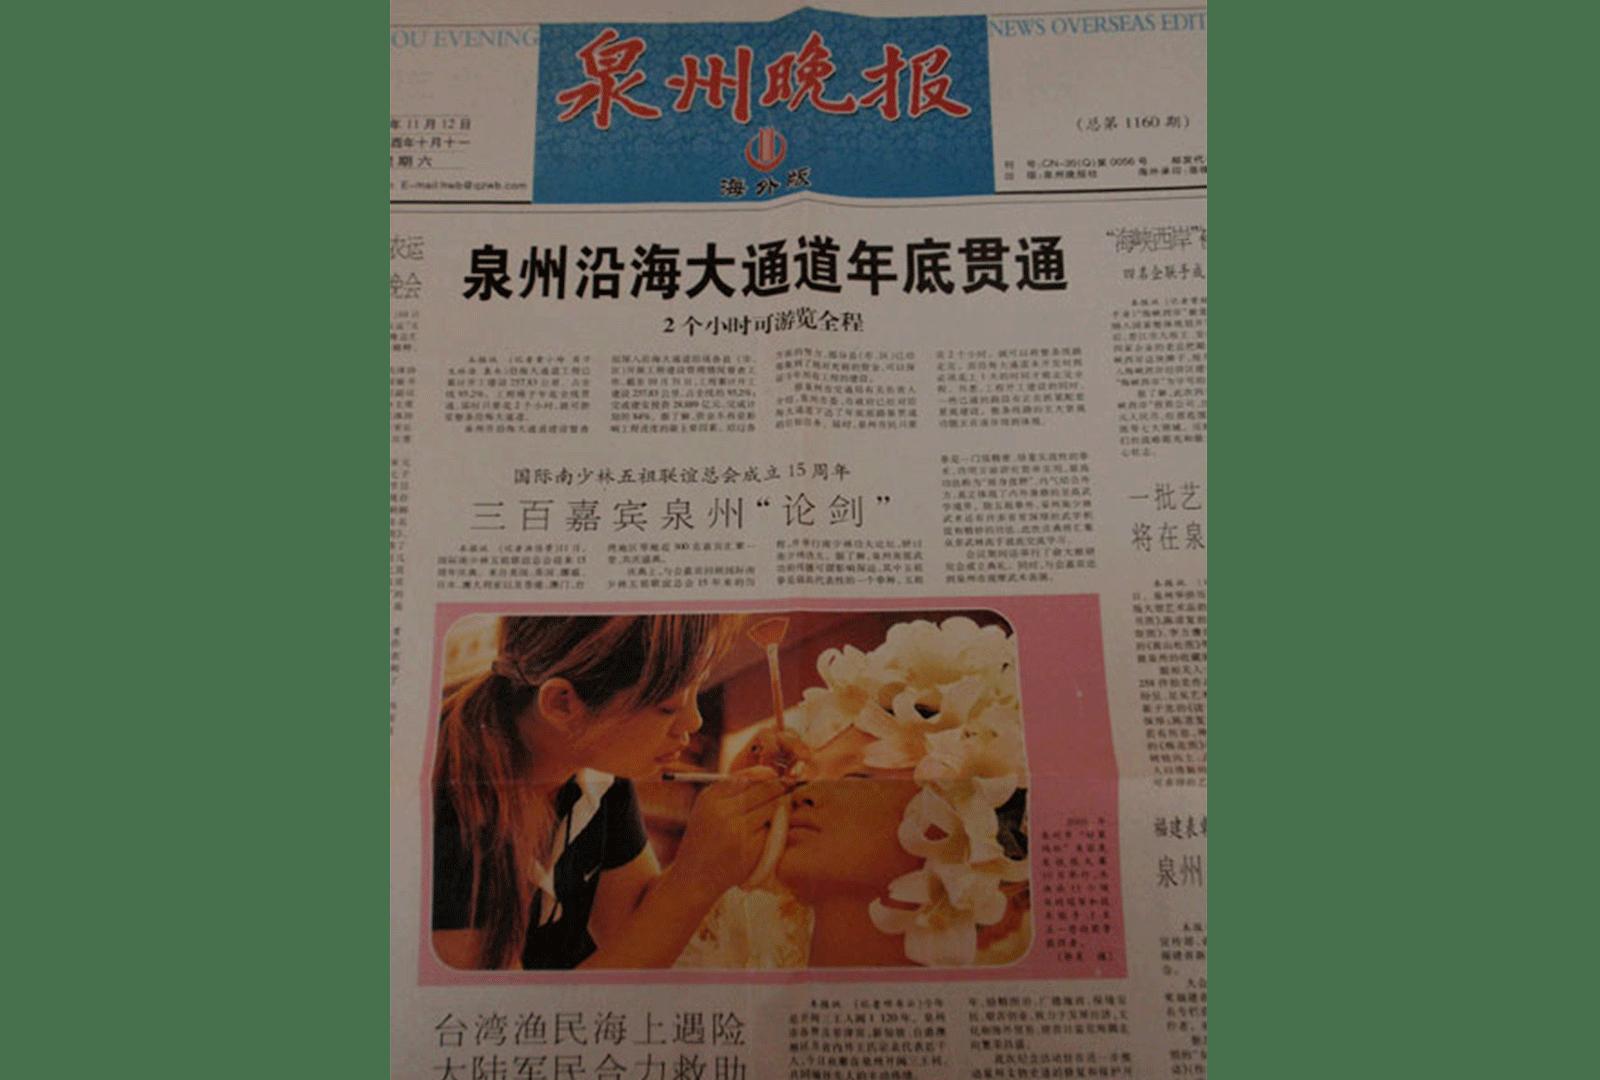 _0000s_0001_泉州晚报-海外版-第1160期